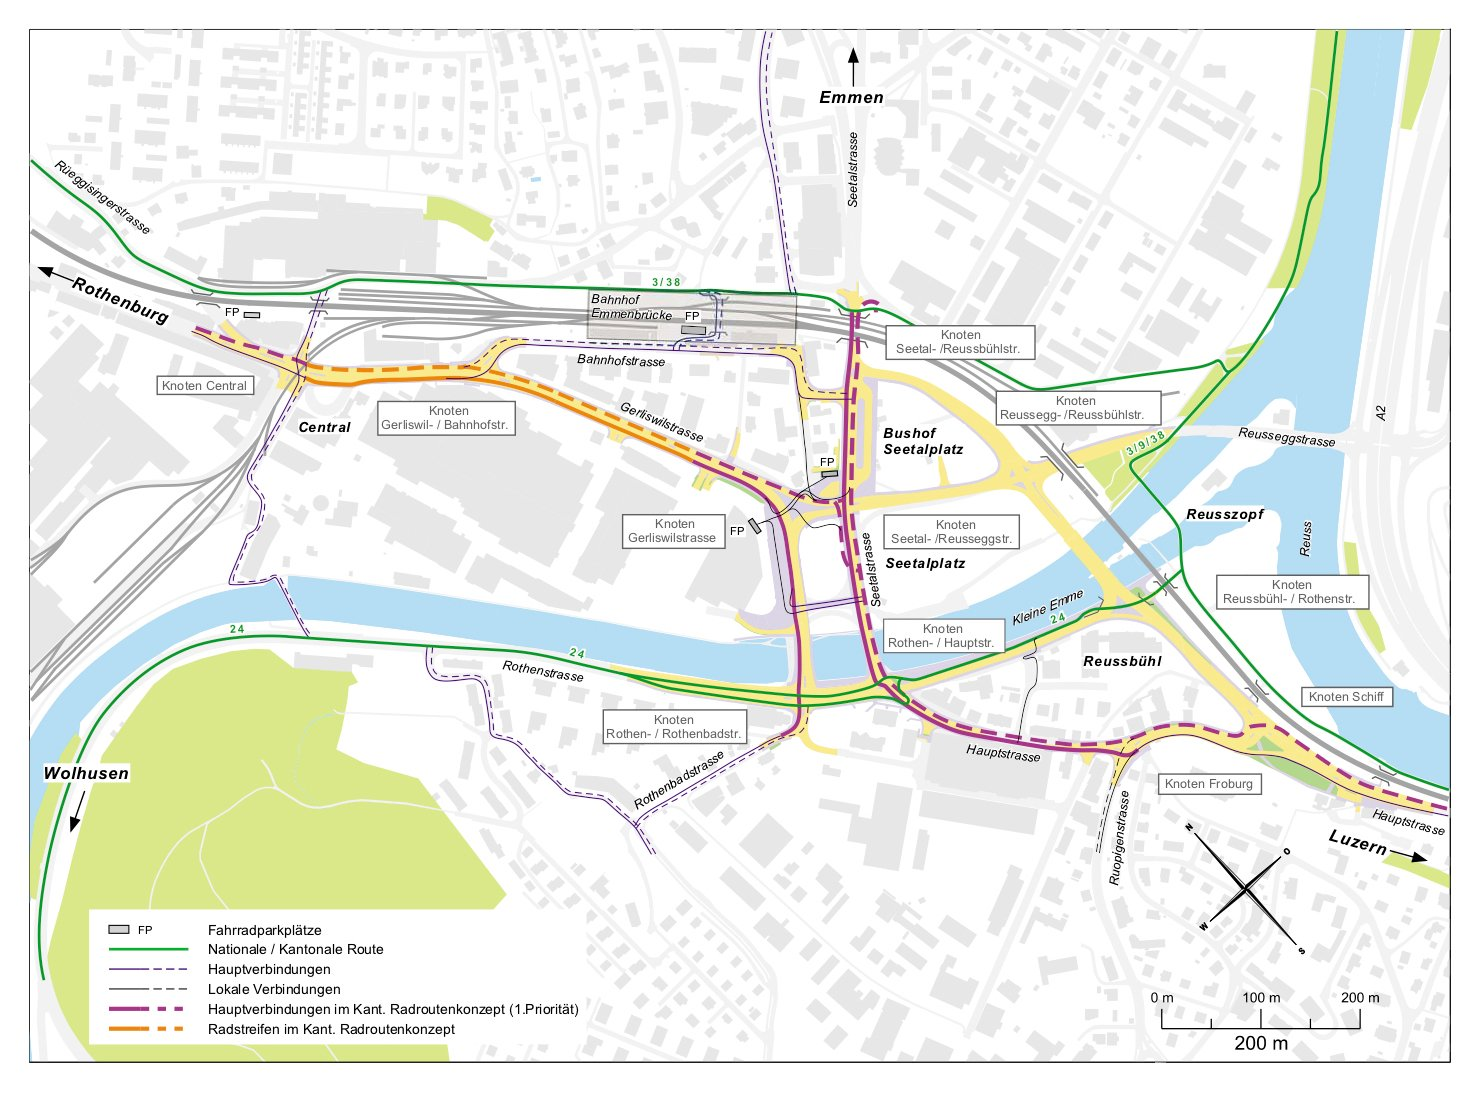 Dieser Plan zeigt alle Velorouten, die beim Seetalplatz verlaufen.